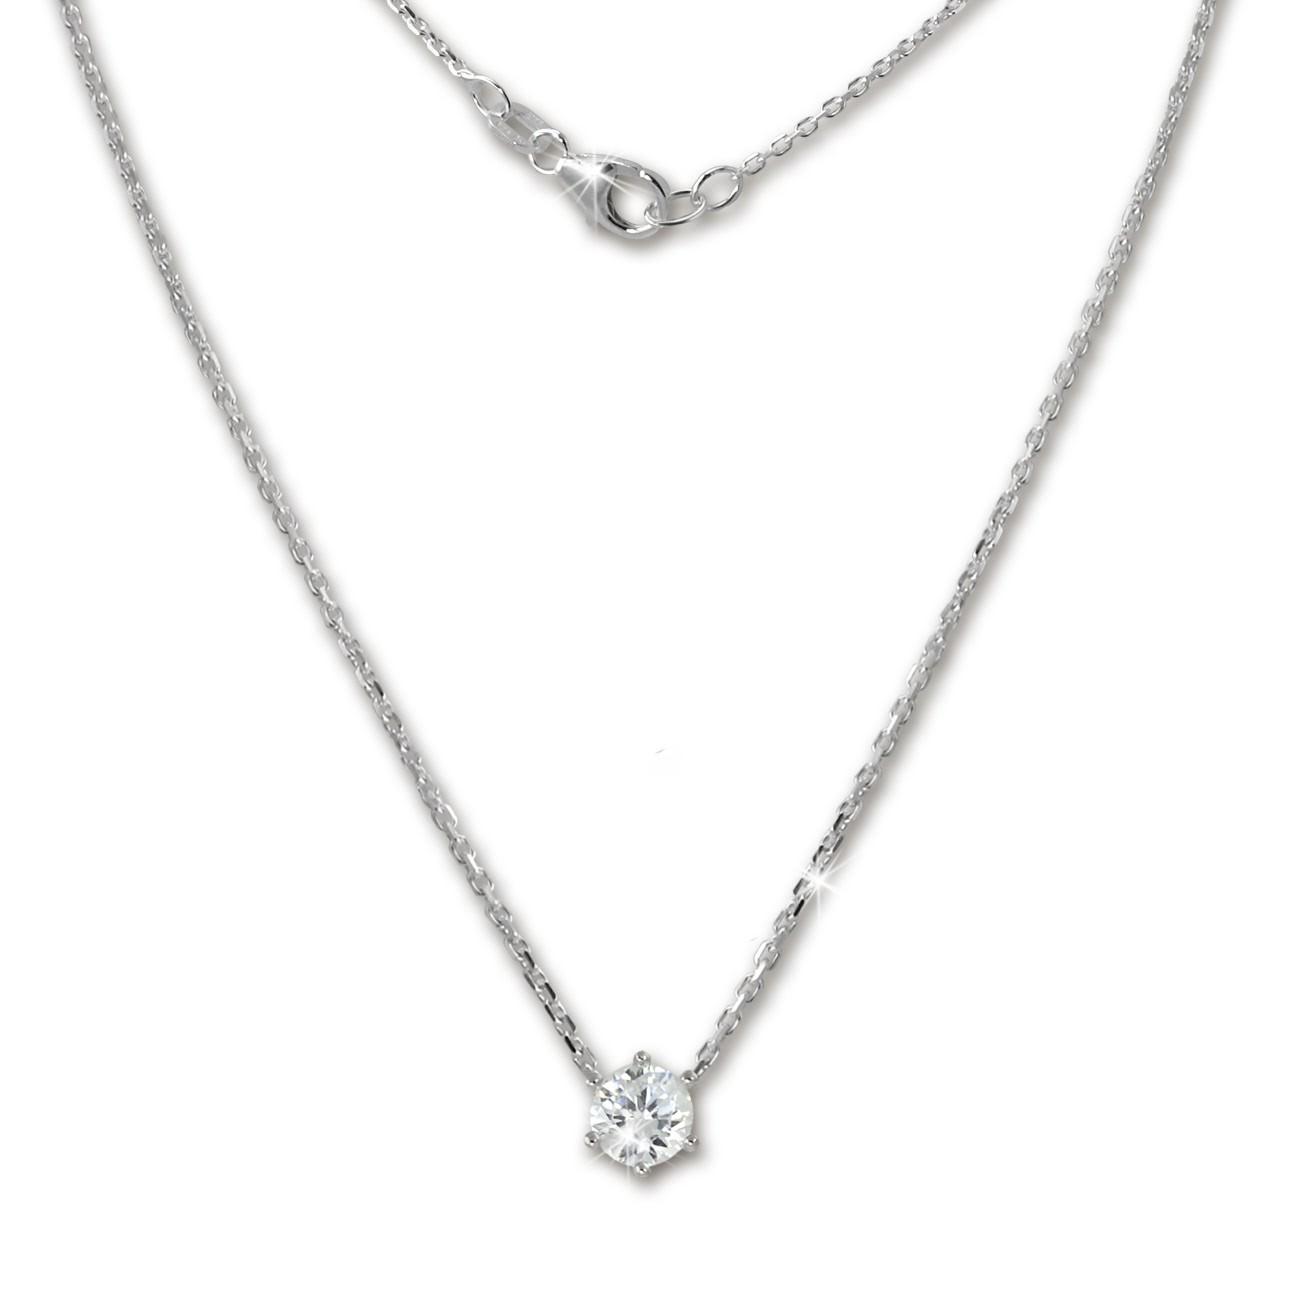 SilberDream Kette Zirkonia Stein weiß 925er Silber 42cm Halskette GSK20042W